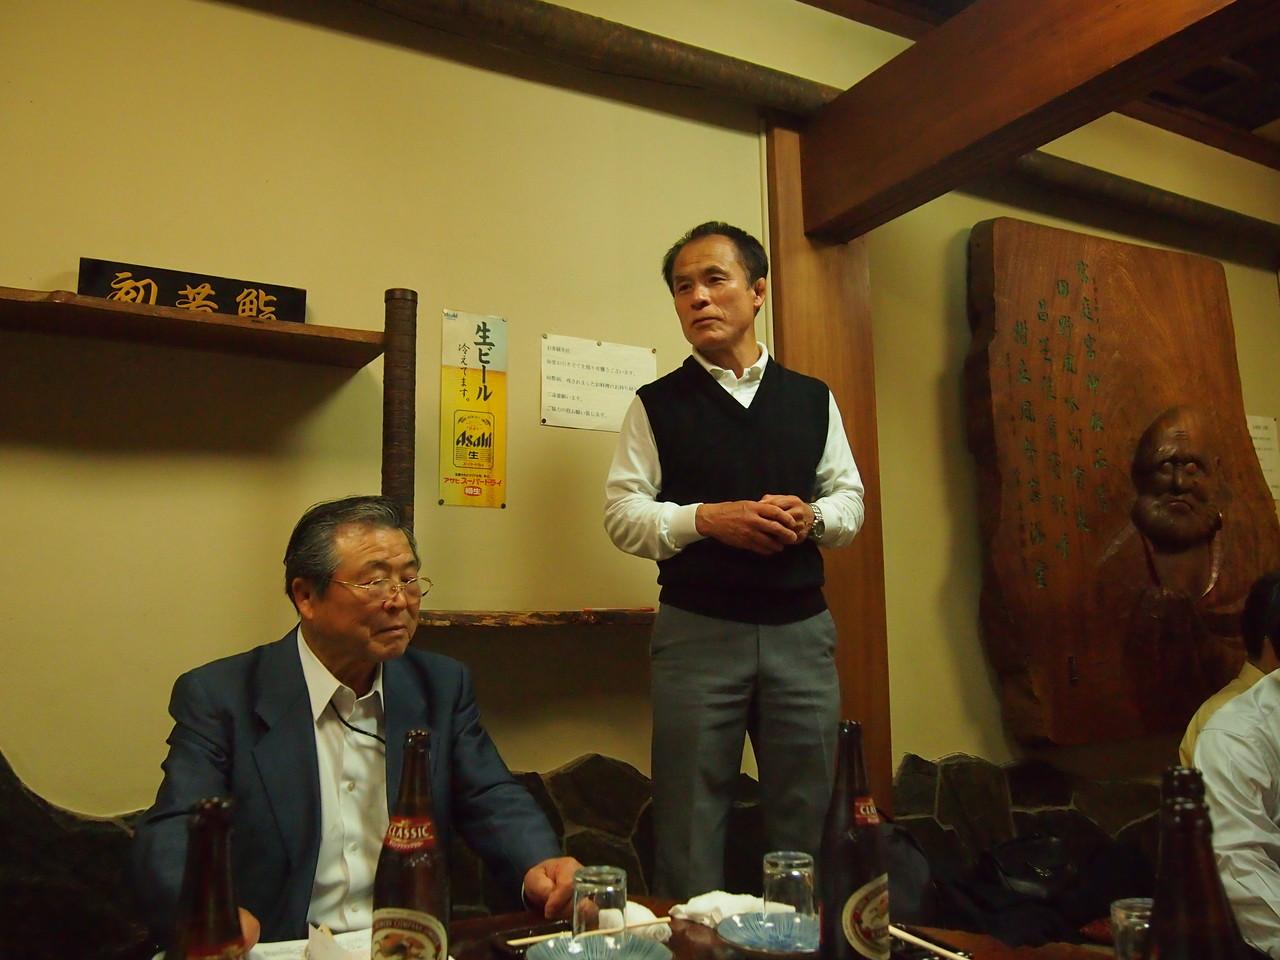 辻村支部会会長の開会挨拶